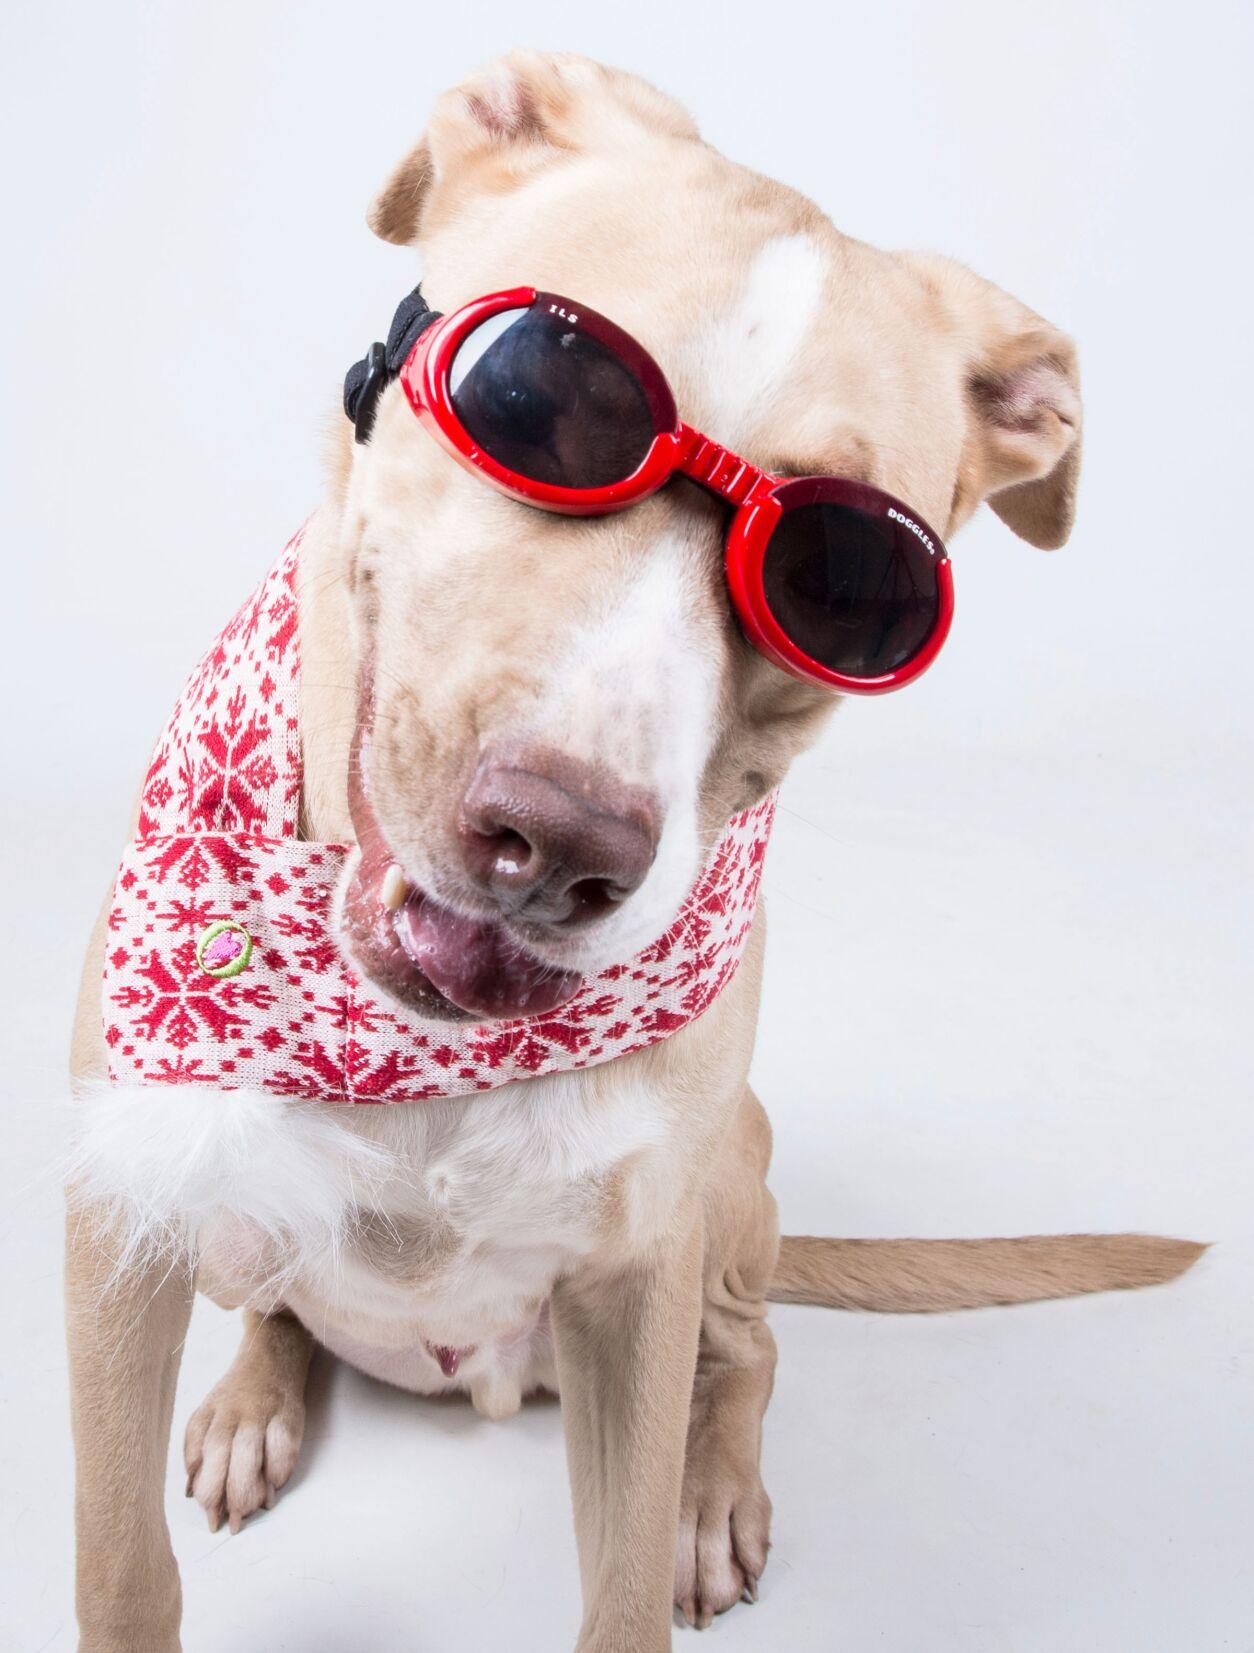 033121_MNS_LifeLine_spring_001 Wrigley the dog